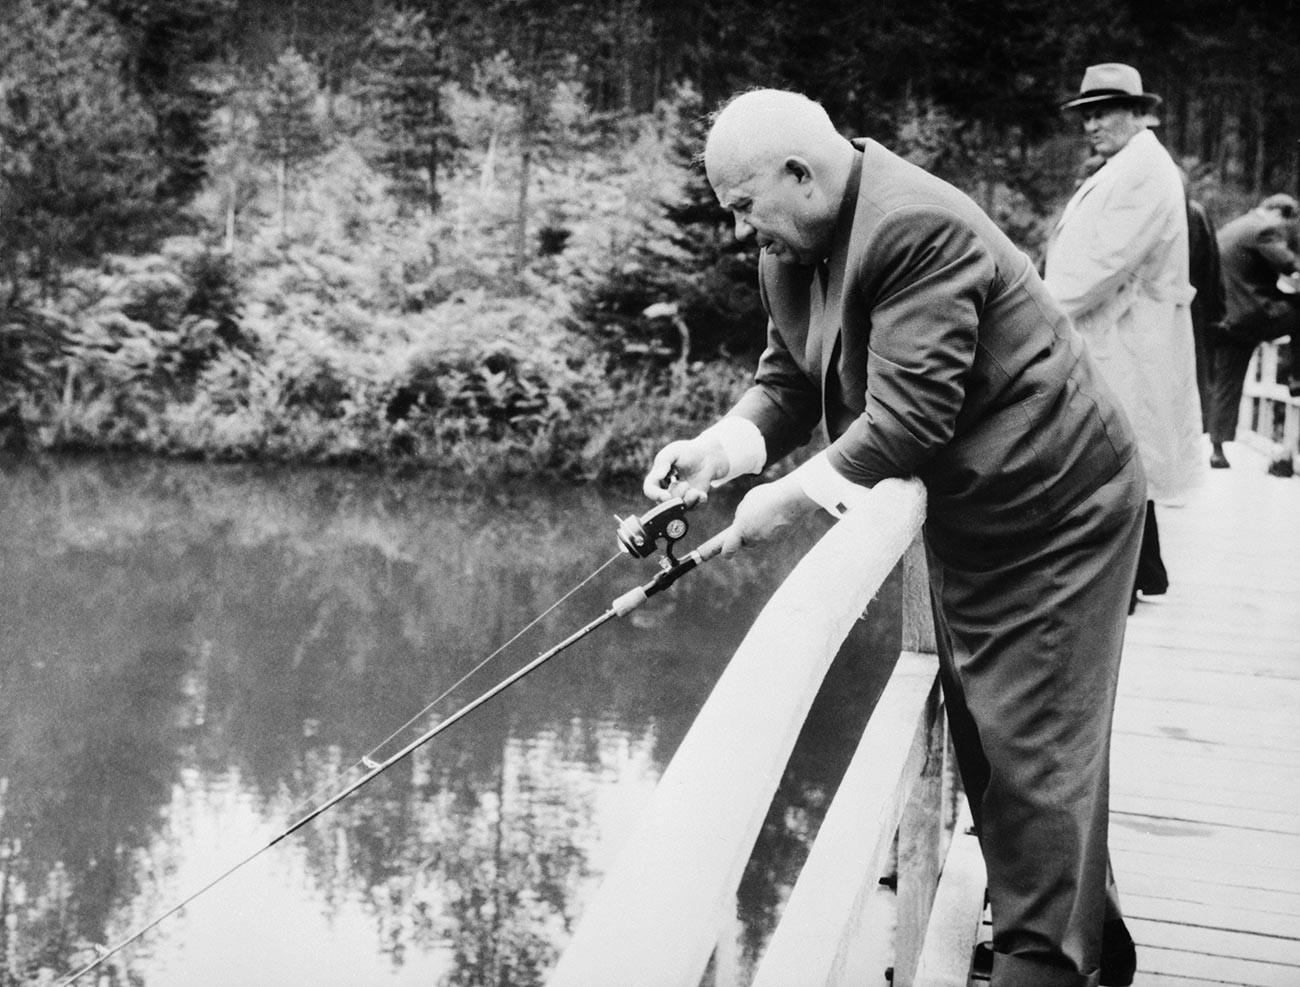 Globoka koncentracija. Nikita Hruščov na ribarjenju med 15-dnevnim obiskom Jugoslavije. Pred tem je na novinarski konferenci izjavil, da sta ZSSR in Jugoslavija razrešili vsa nesoglasja in se združili v boju proti kapitalizmu.